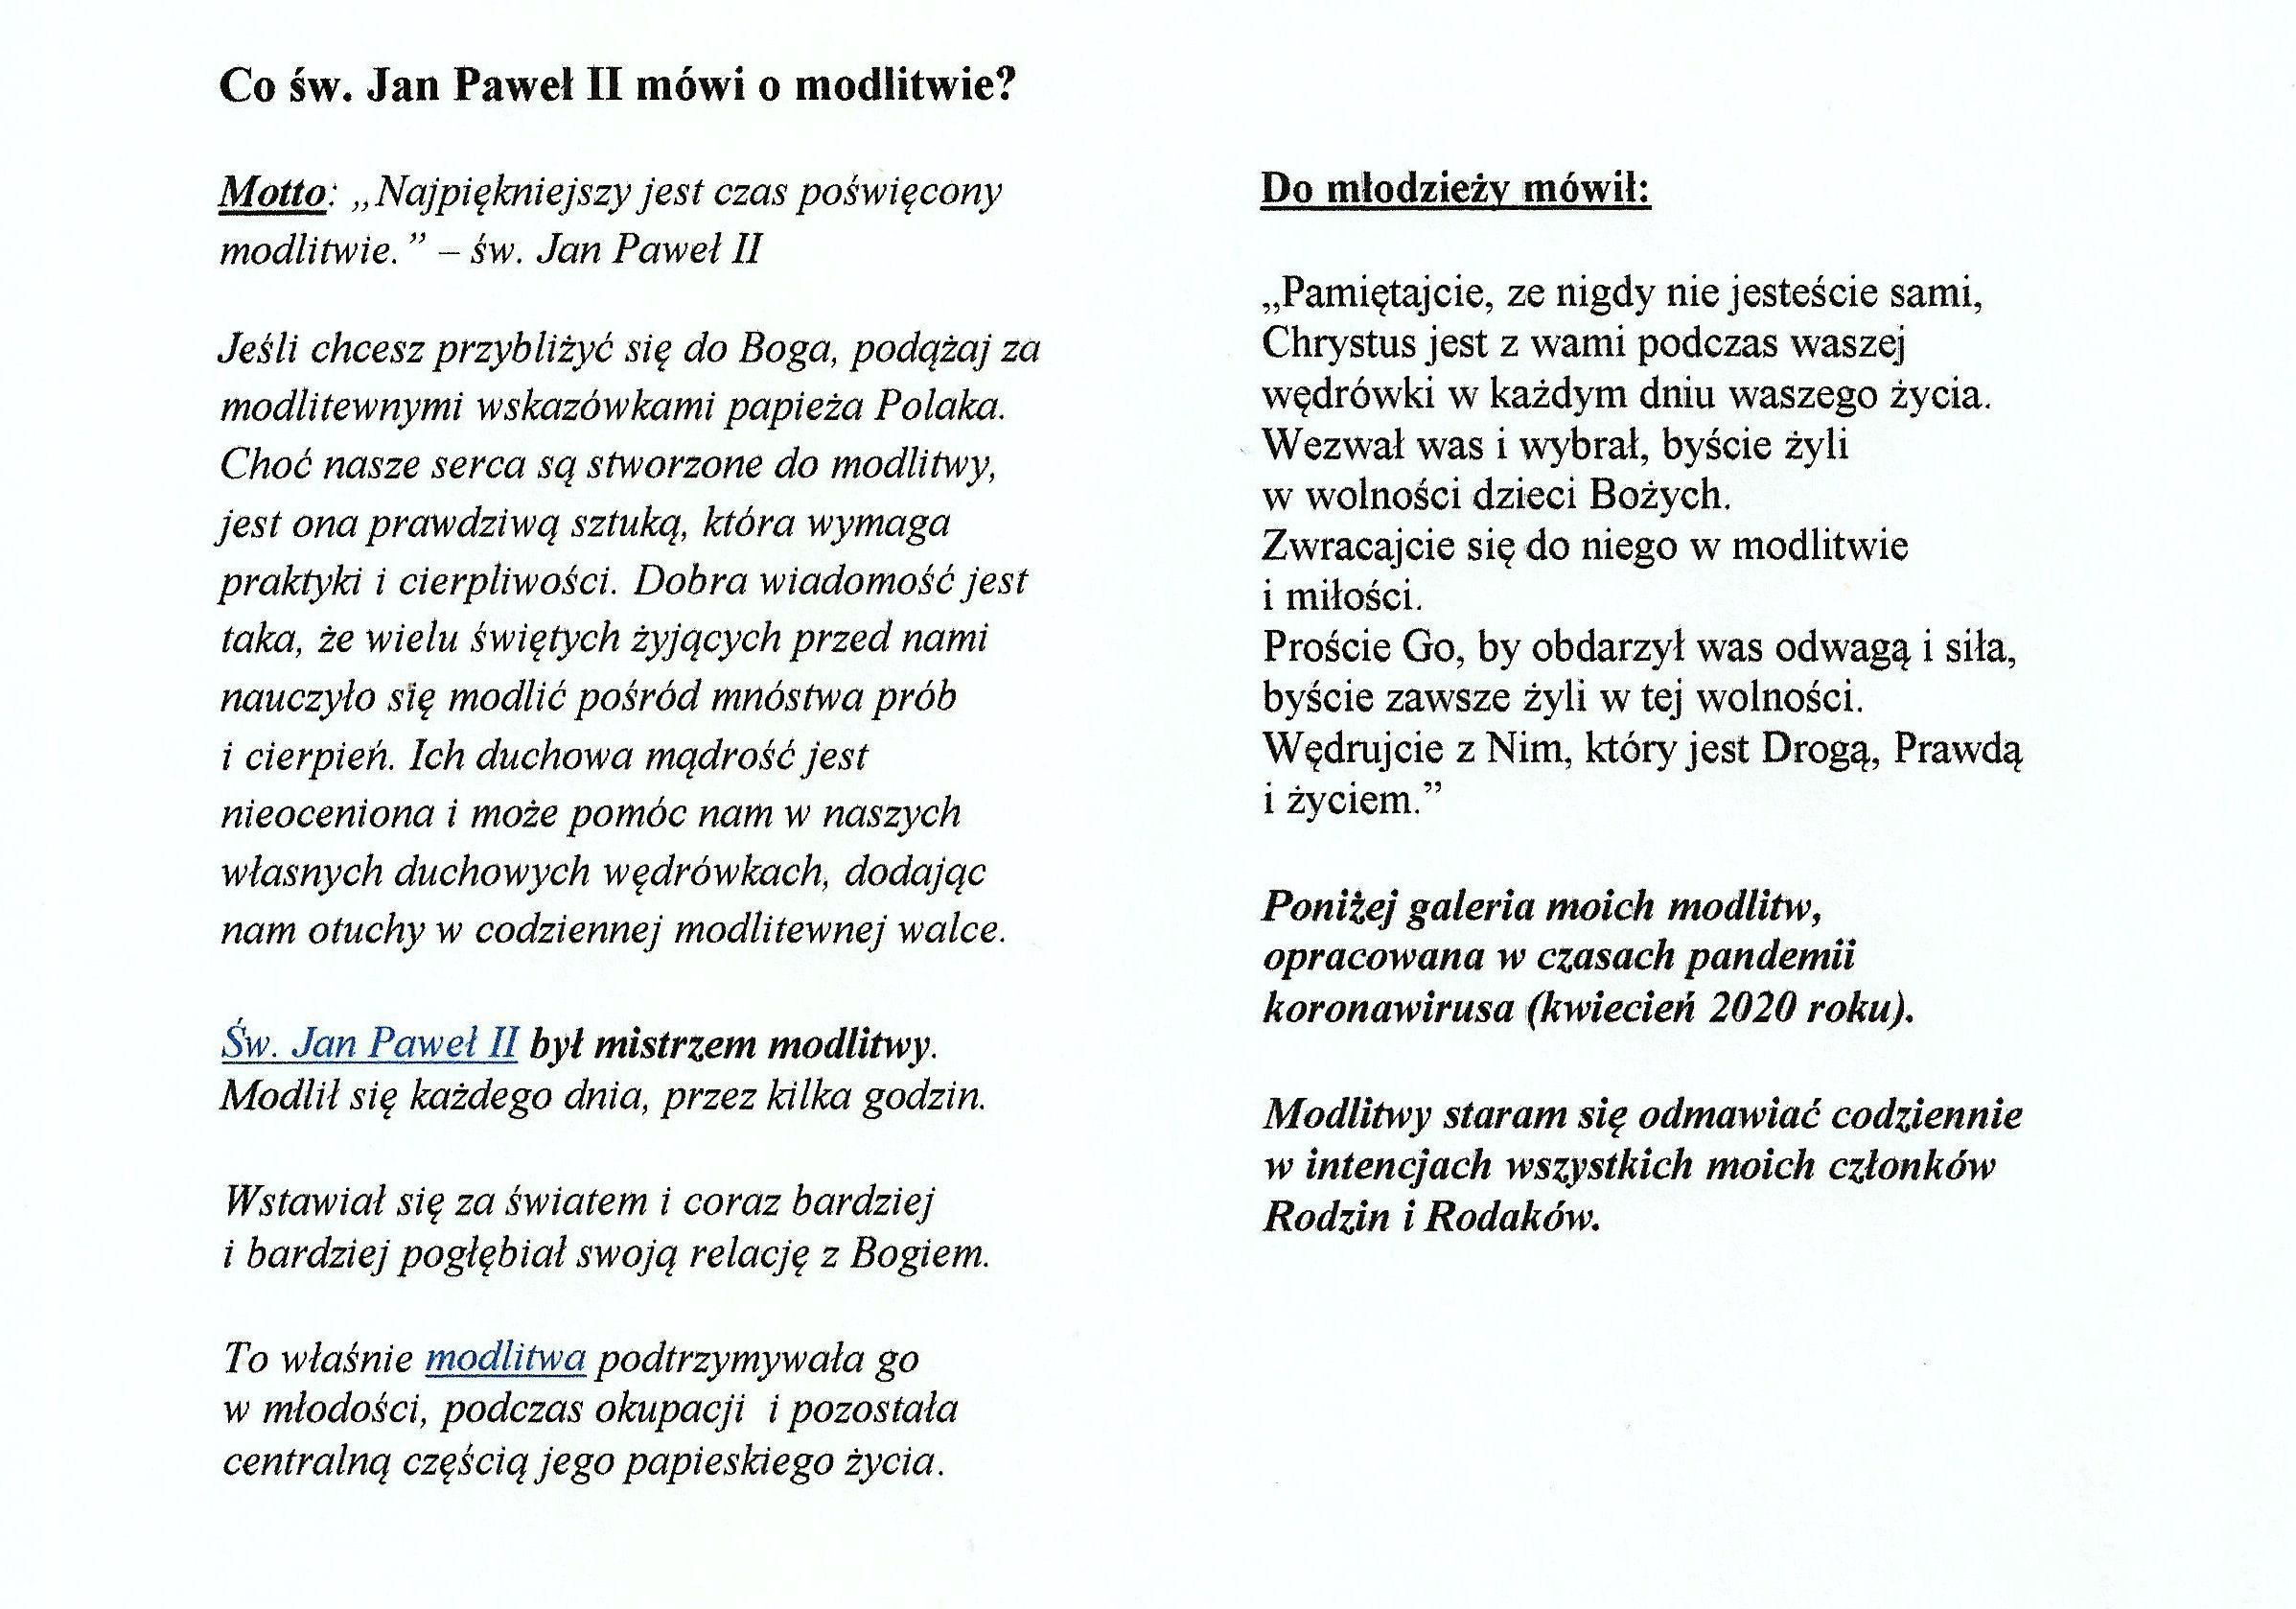 Co św. Jan Paweł II mówi o modlitwie